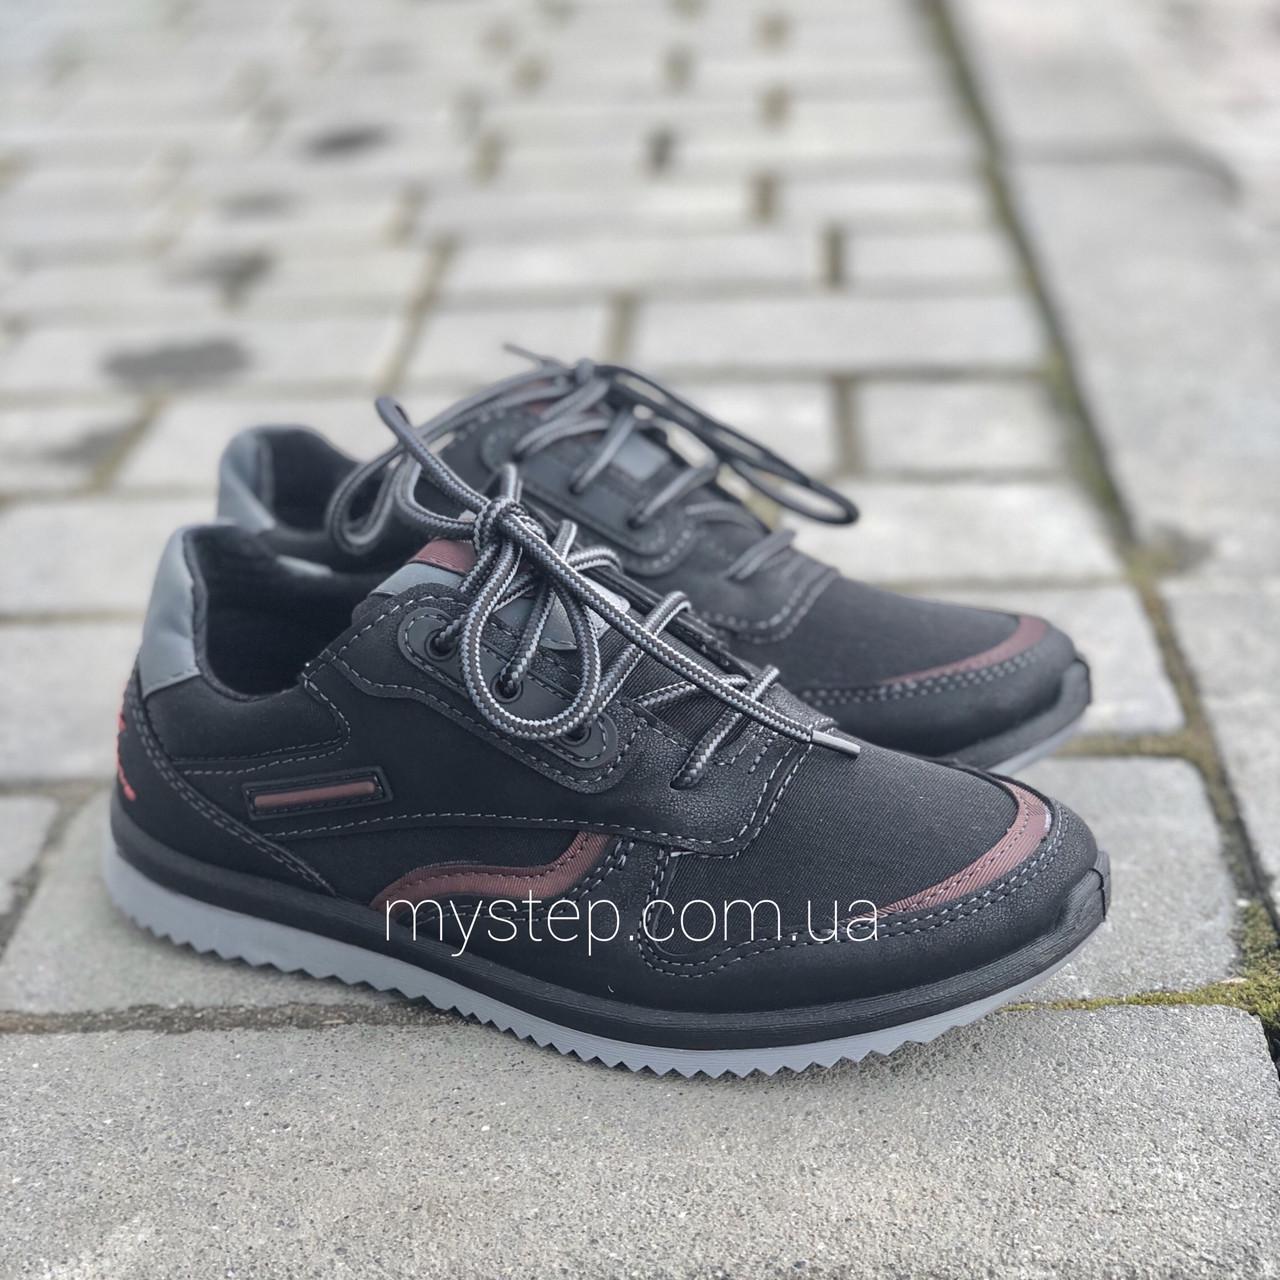 Кросівки підліткові Dago М20-63